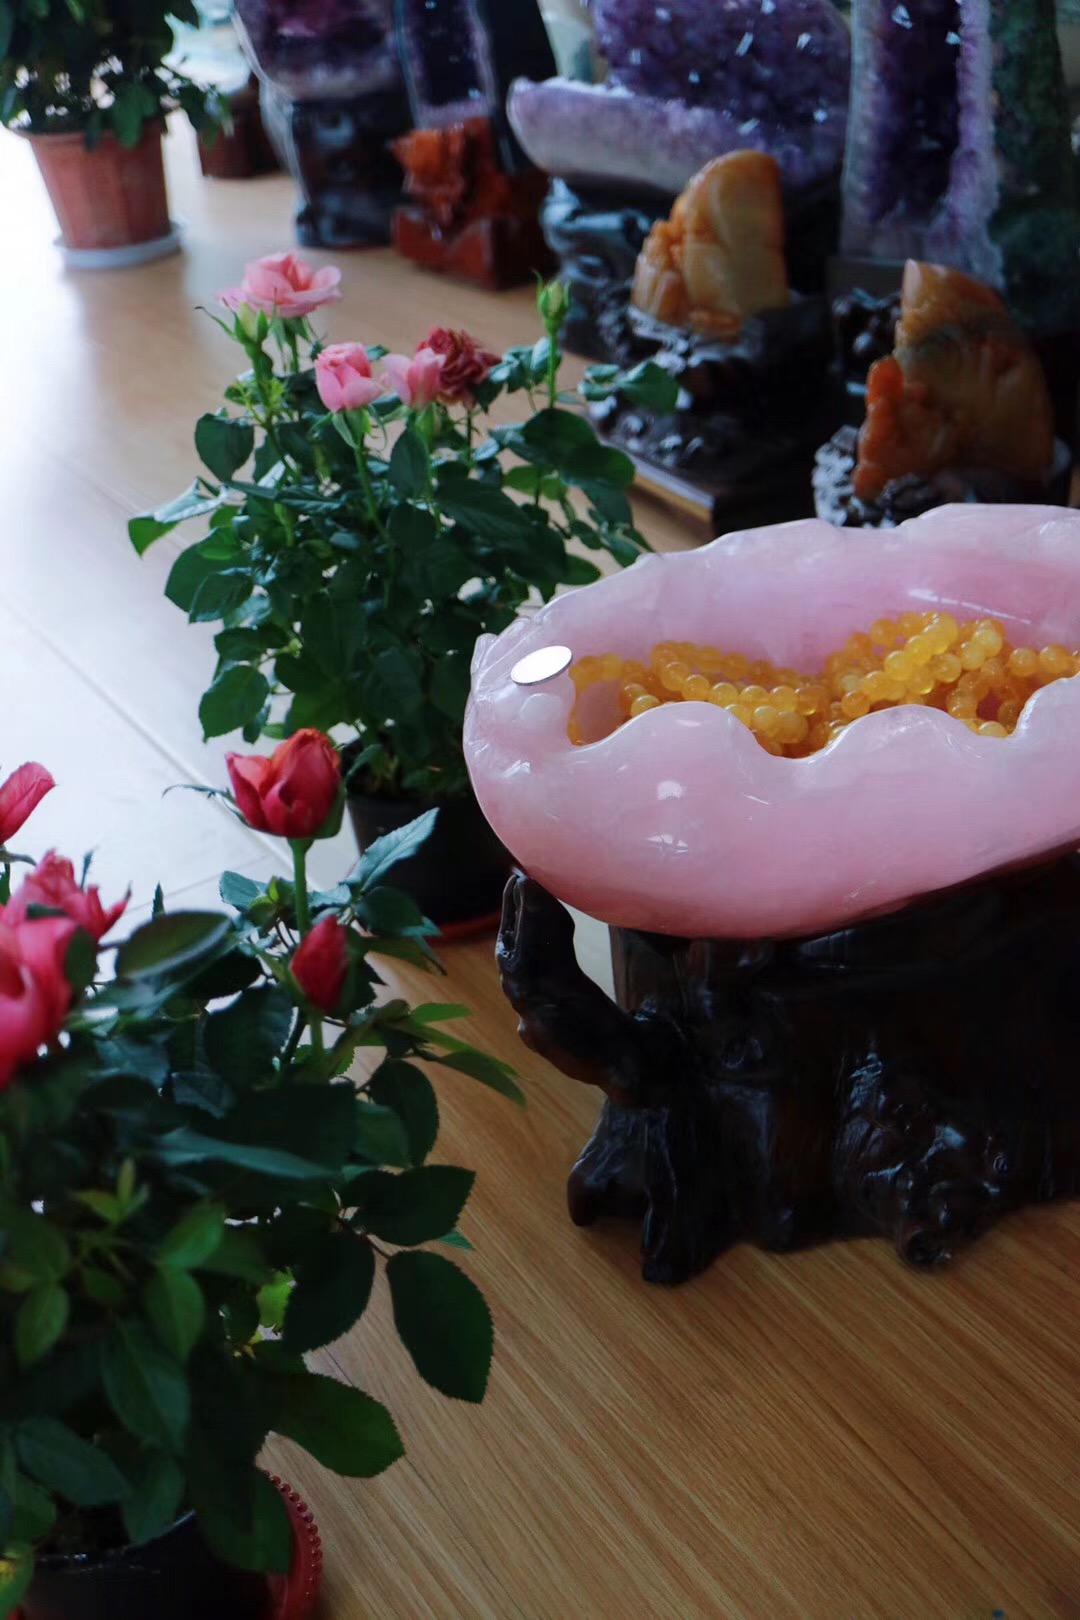 【菩心   收藏级粉晶聚宝盆】菩心晶舍的粉晶盆都是颜值杠杠滴-菩心晶舍